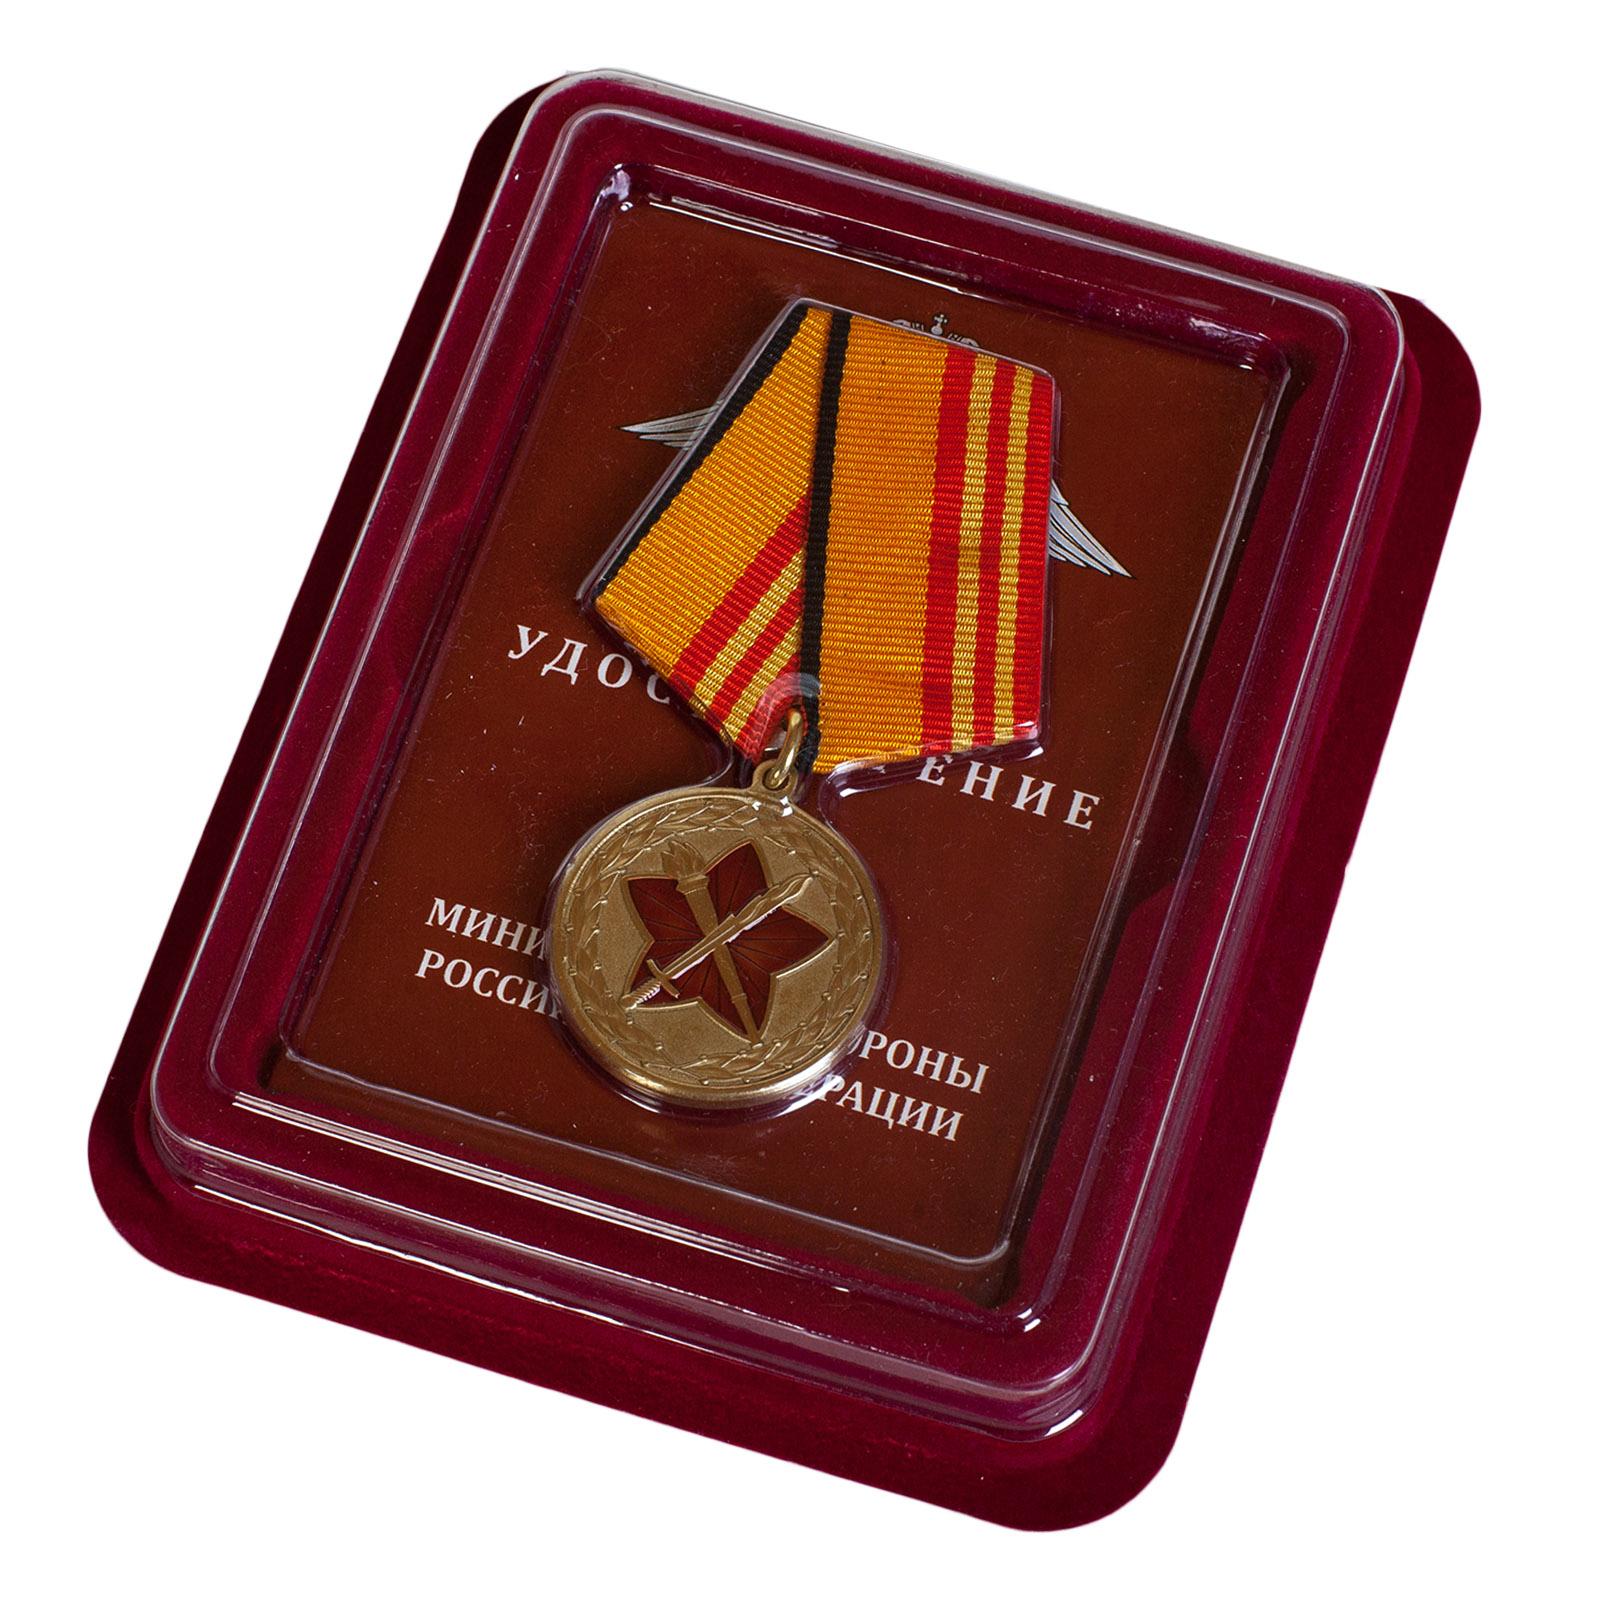 Памятная медаль За достижения в военно-политической работе - в футляре